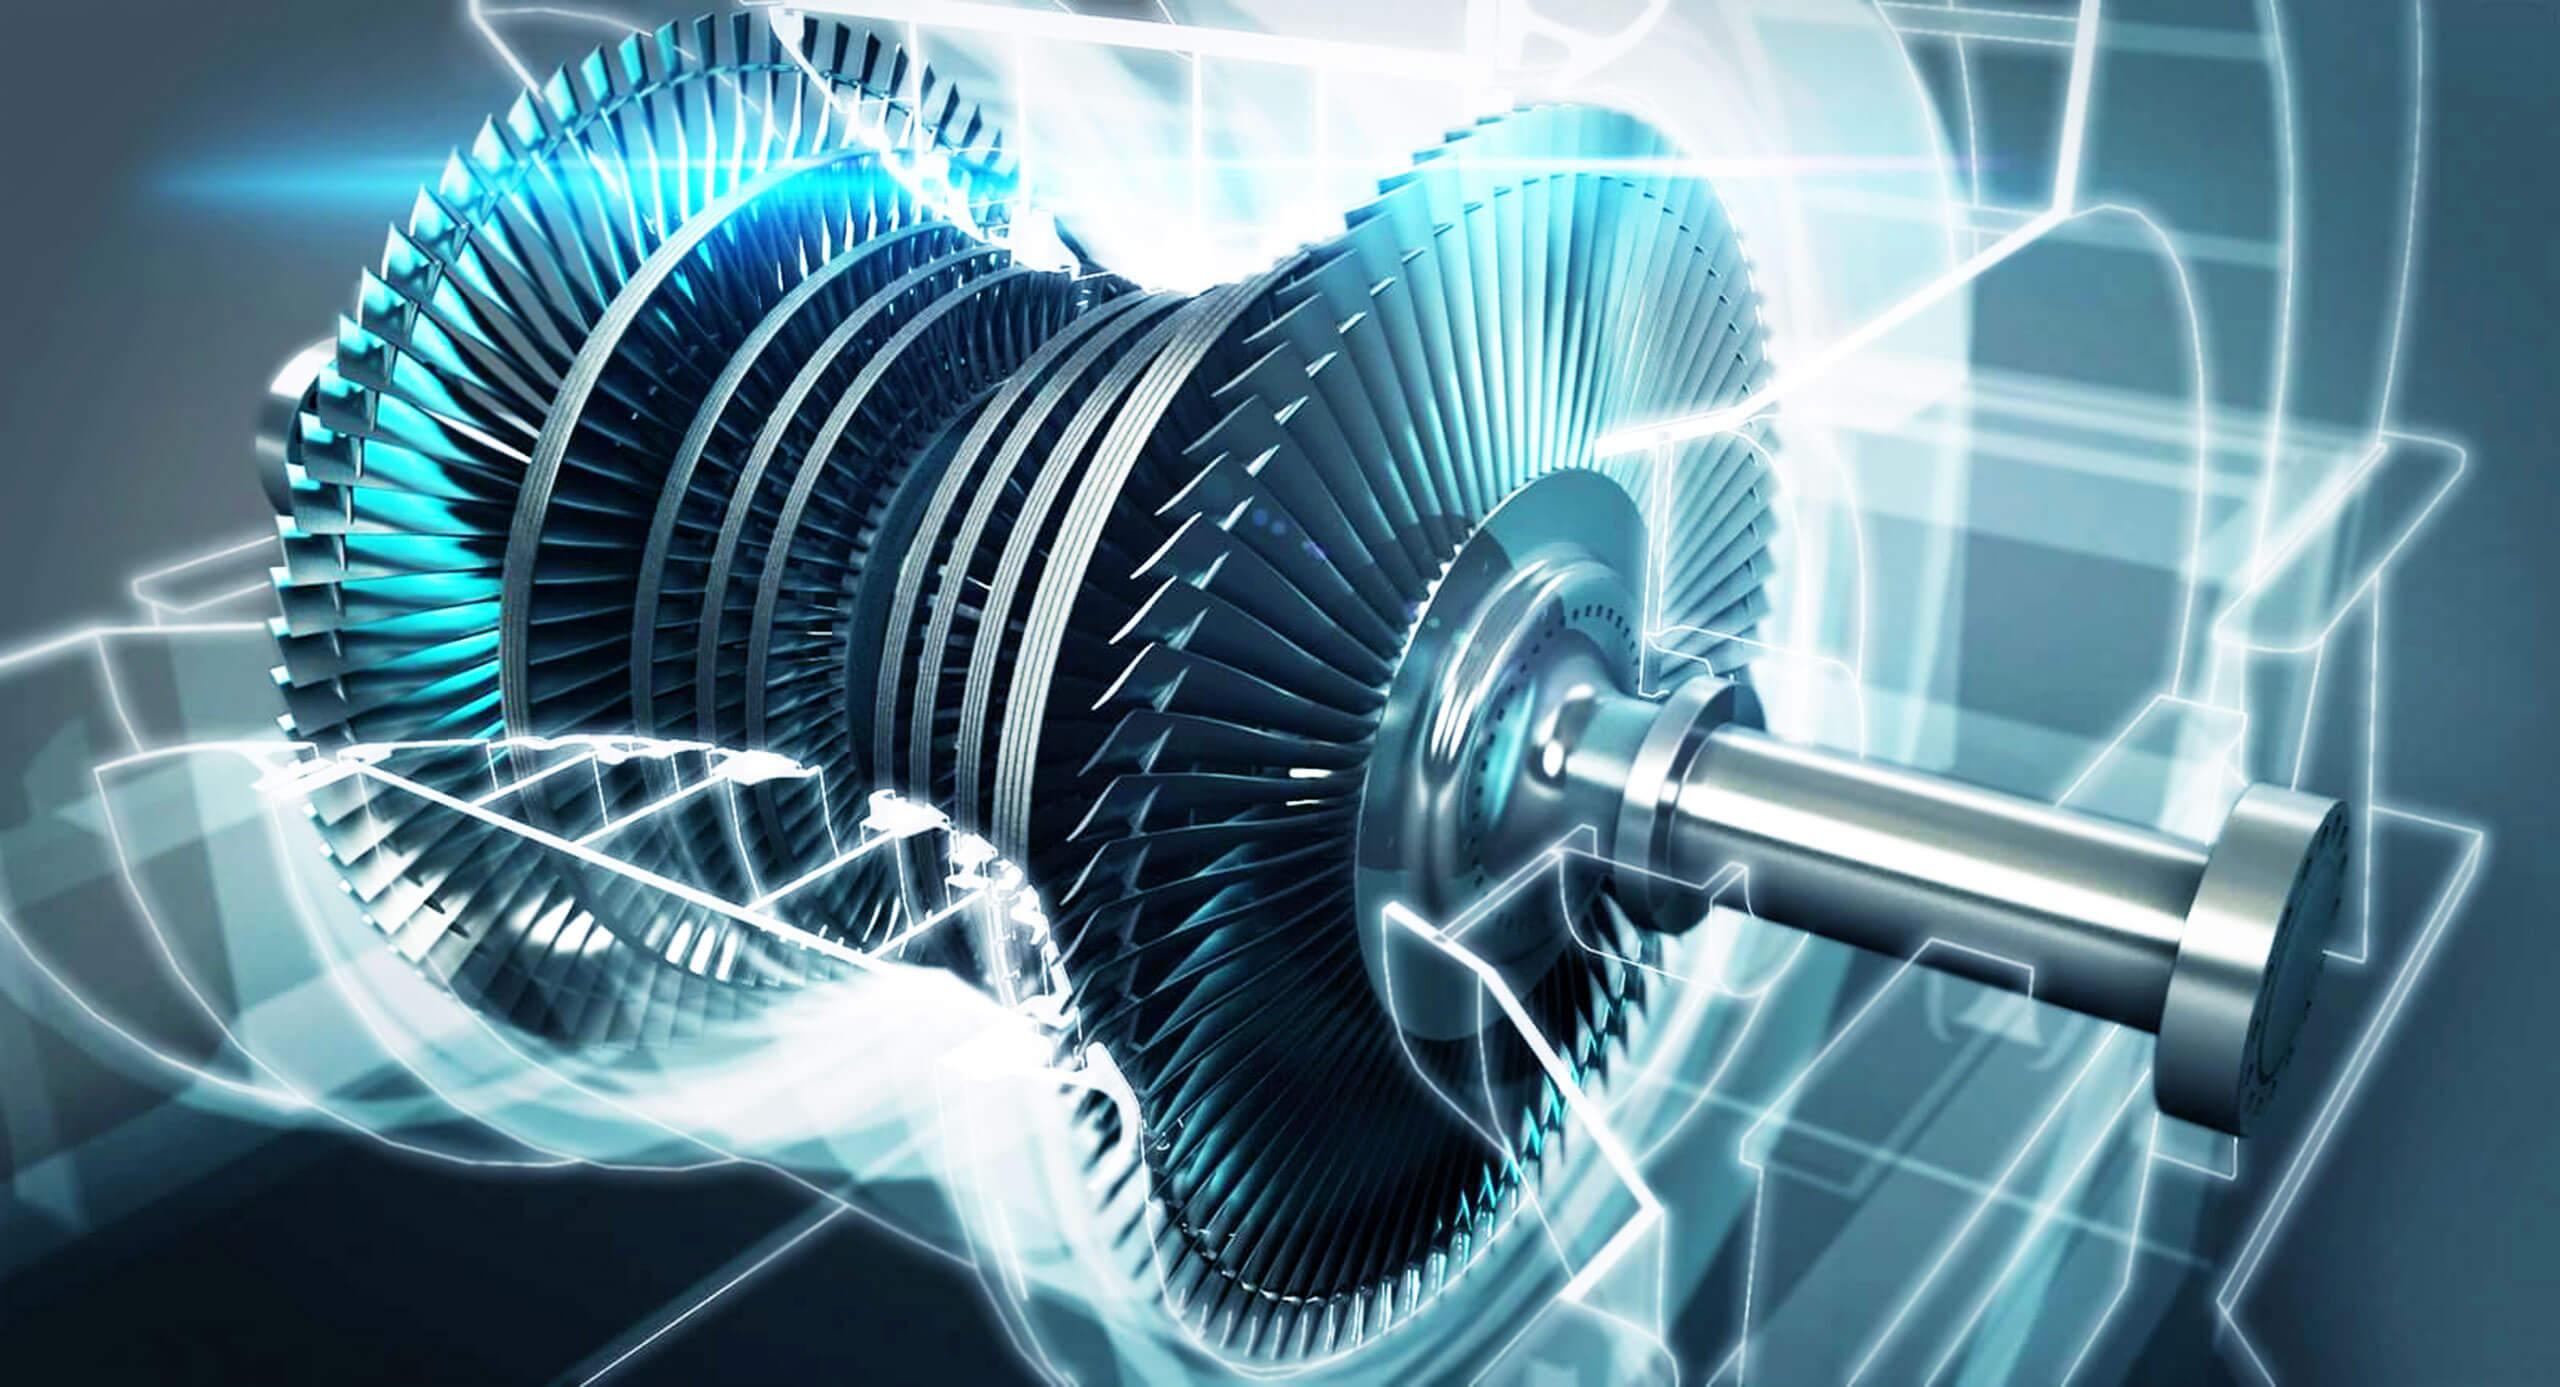 С 2004 года «КБ ТЕХНАБ» осуществляет поставки оборудования